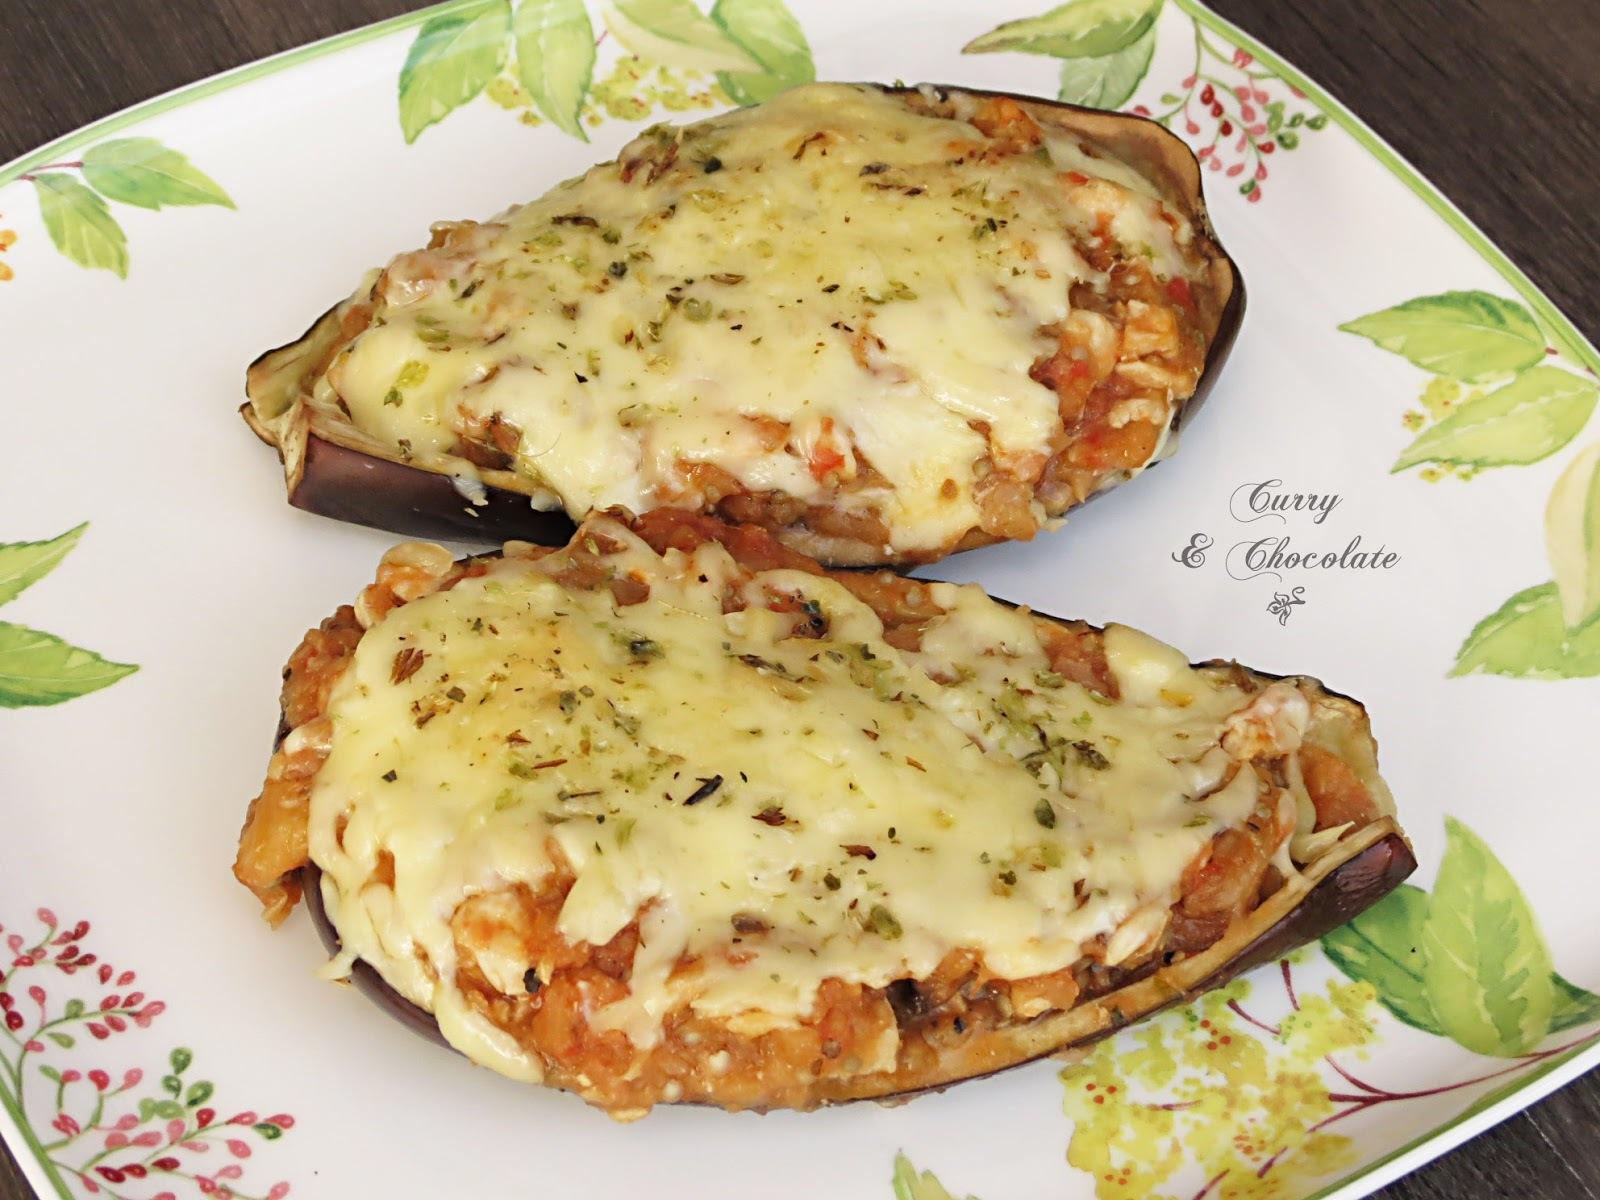 Berenjenas rellenas de pollo y tomate con queso - Chicken stuffed eggplants with tomato and cheese